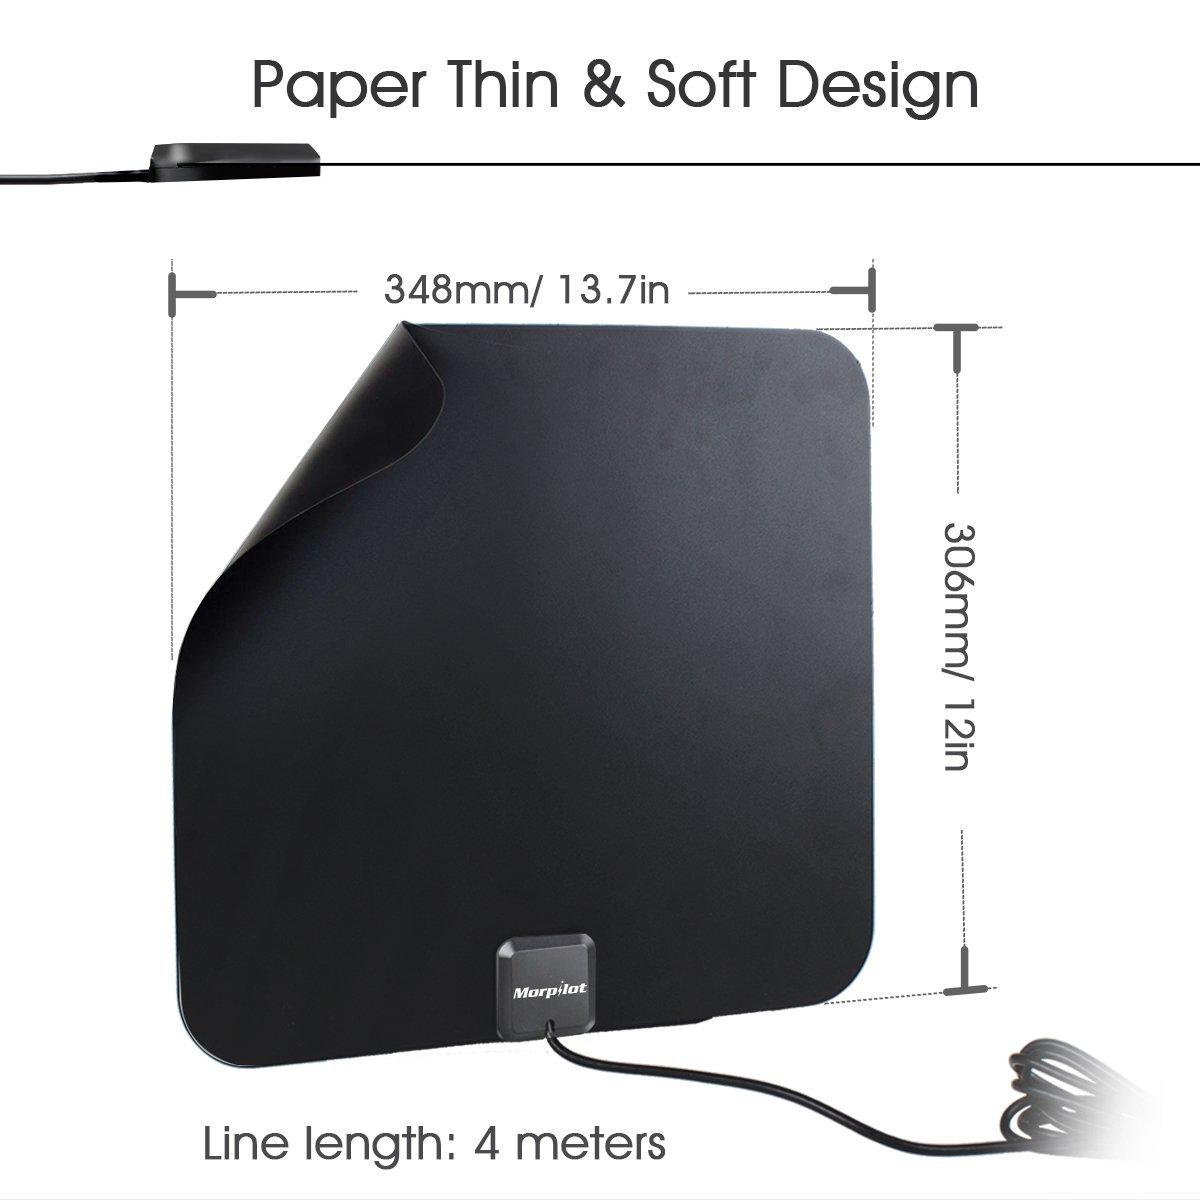 une mordue des bons plans antenne tv int rieur puissante morpilot amplificateur antenne. Black Bedroom Furniture Sets. Home Design Ideas